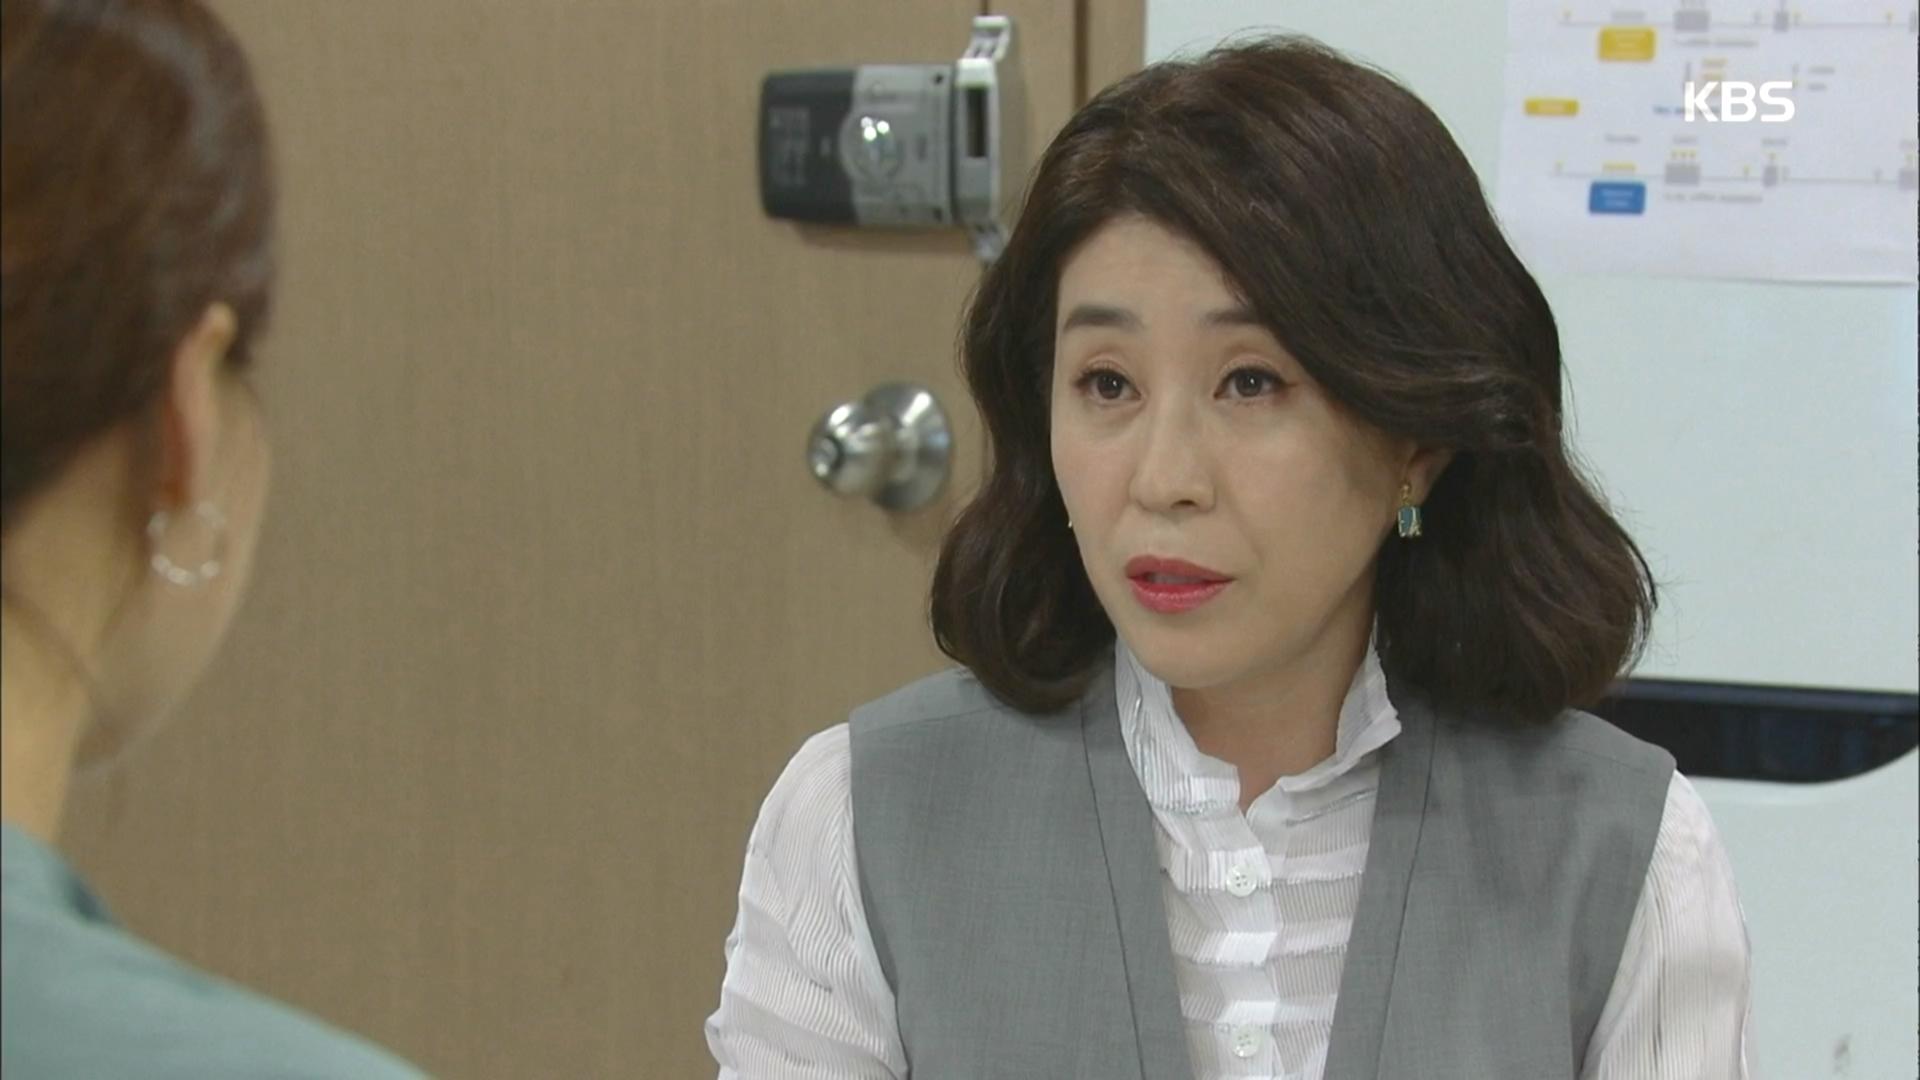 이상우 누님 김미경 카리스마에 기죽은 한지혜(카리스마 ㄷㄷ..)